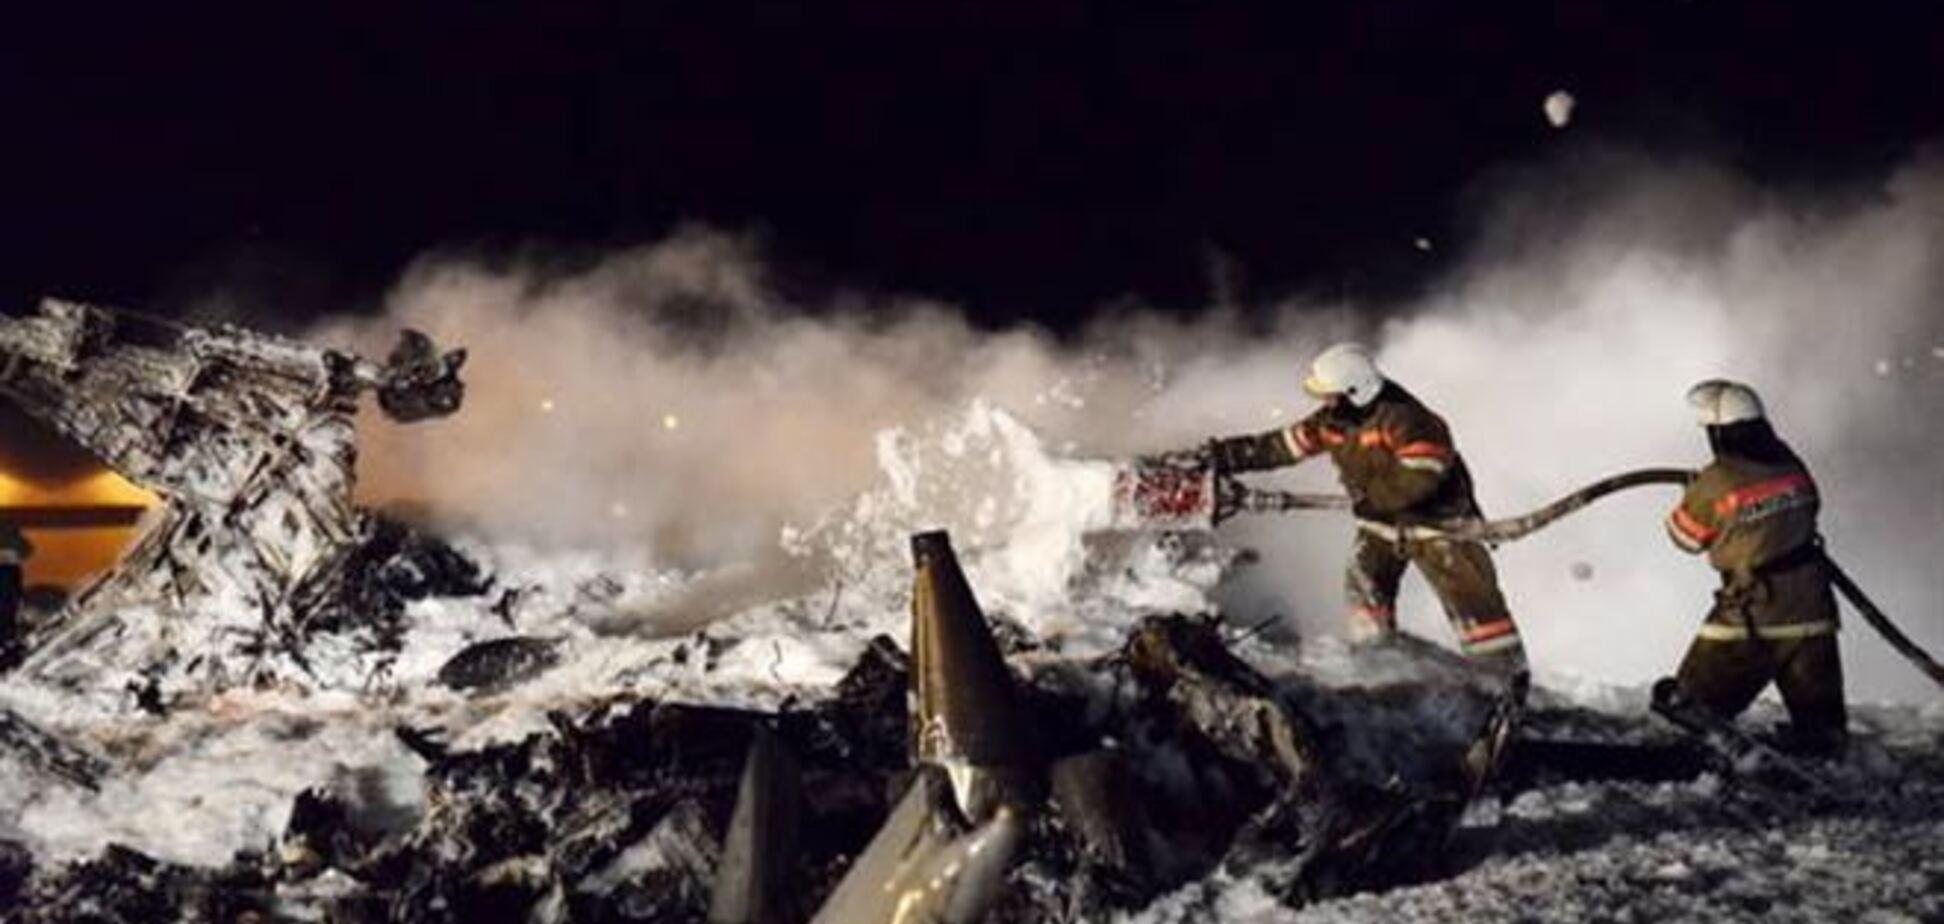 Командир упавшего в Казани 'Боинга' не выполнял ранее маневр ухода на второй круг